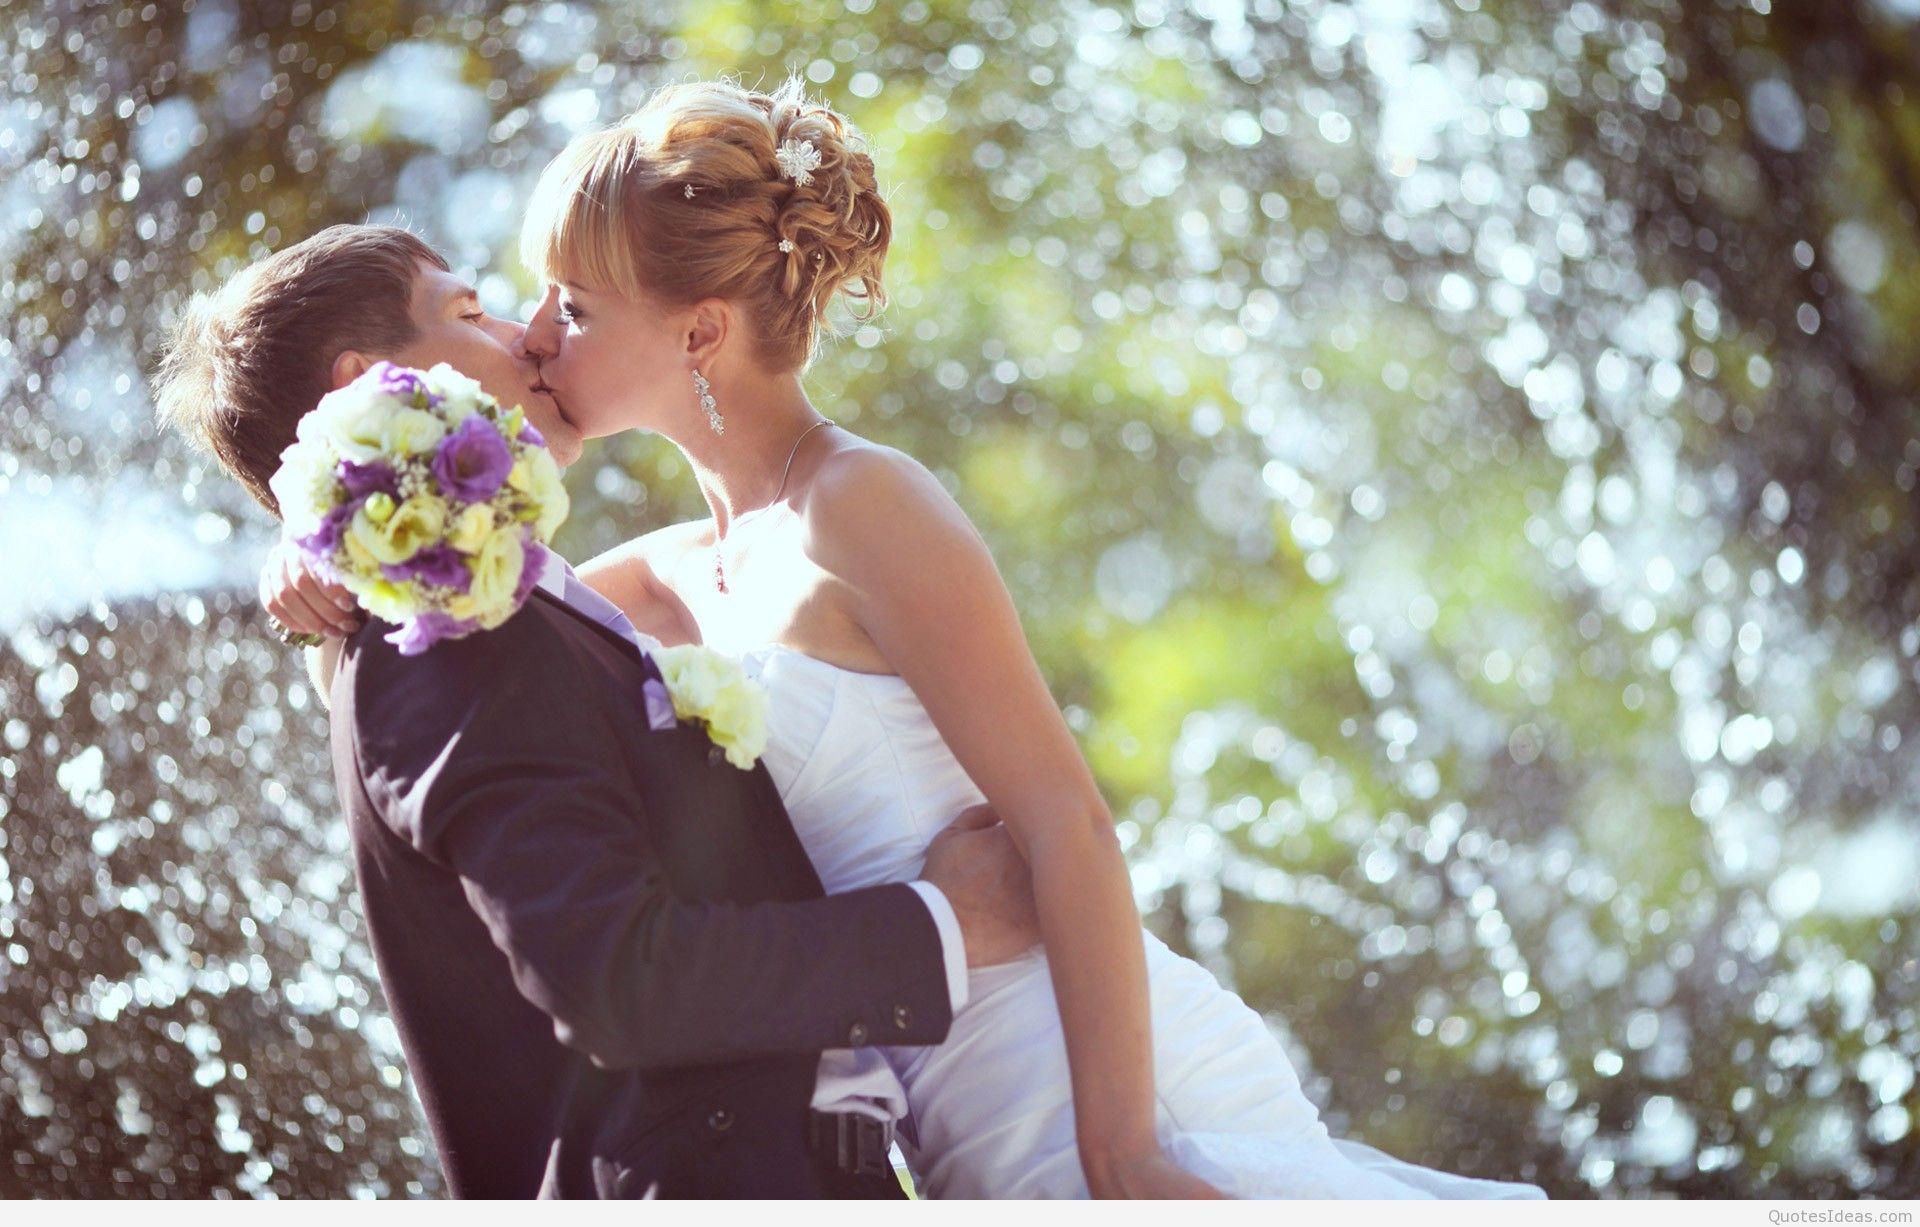 Weddings-Couple-Kissing-HD-Wallpaper